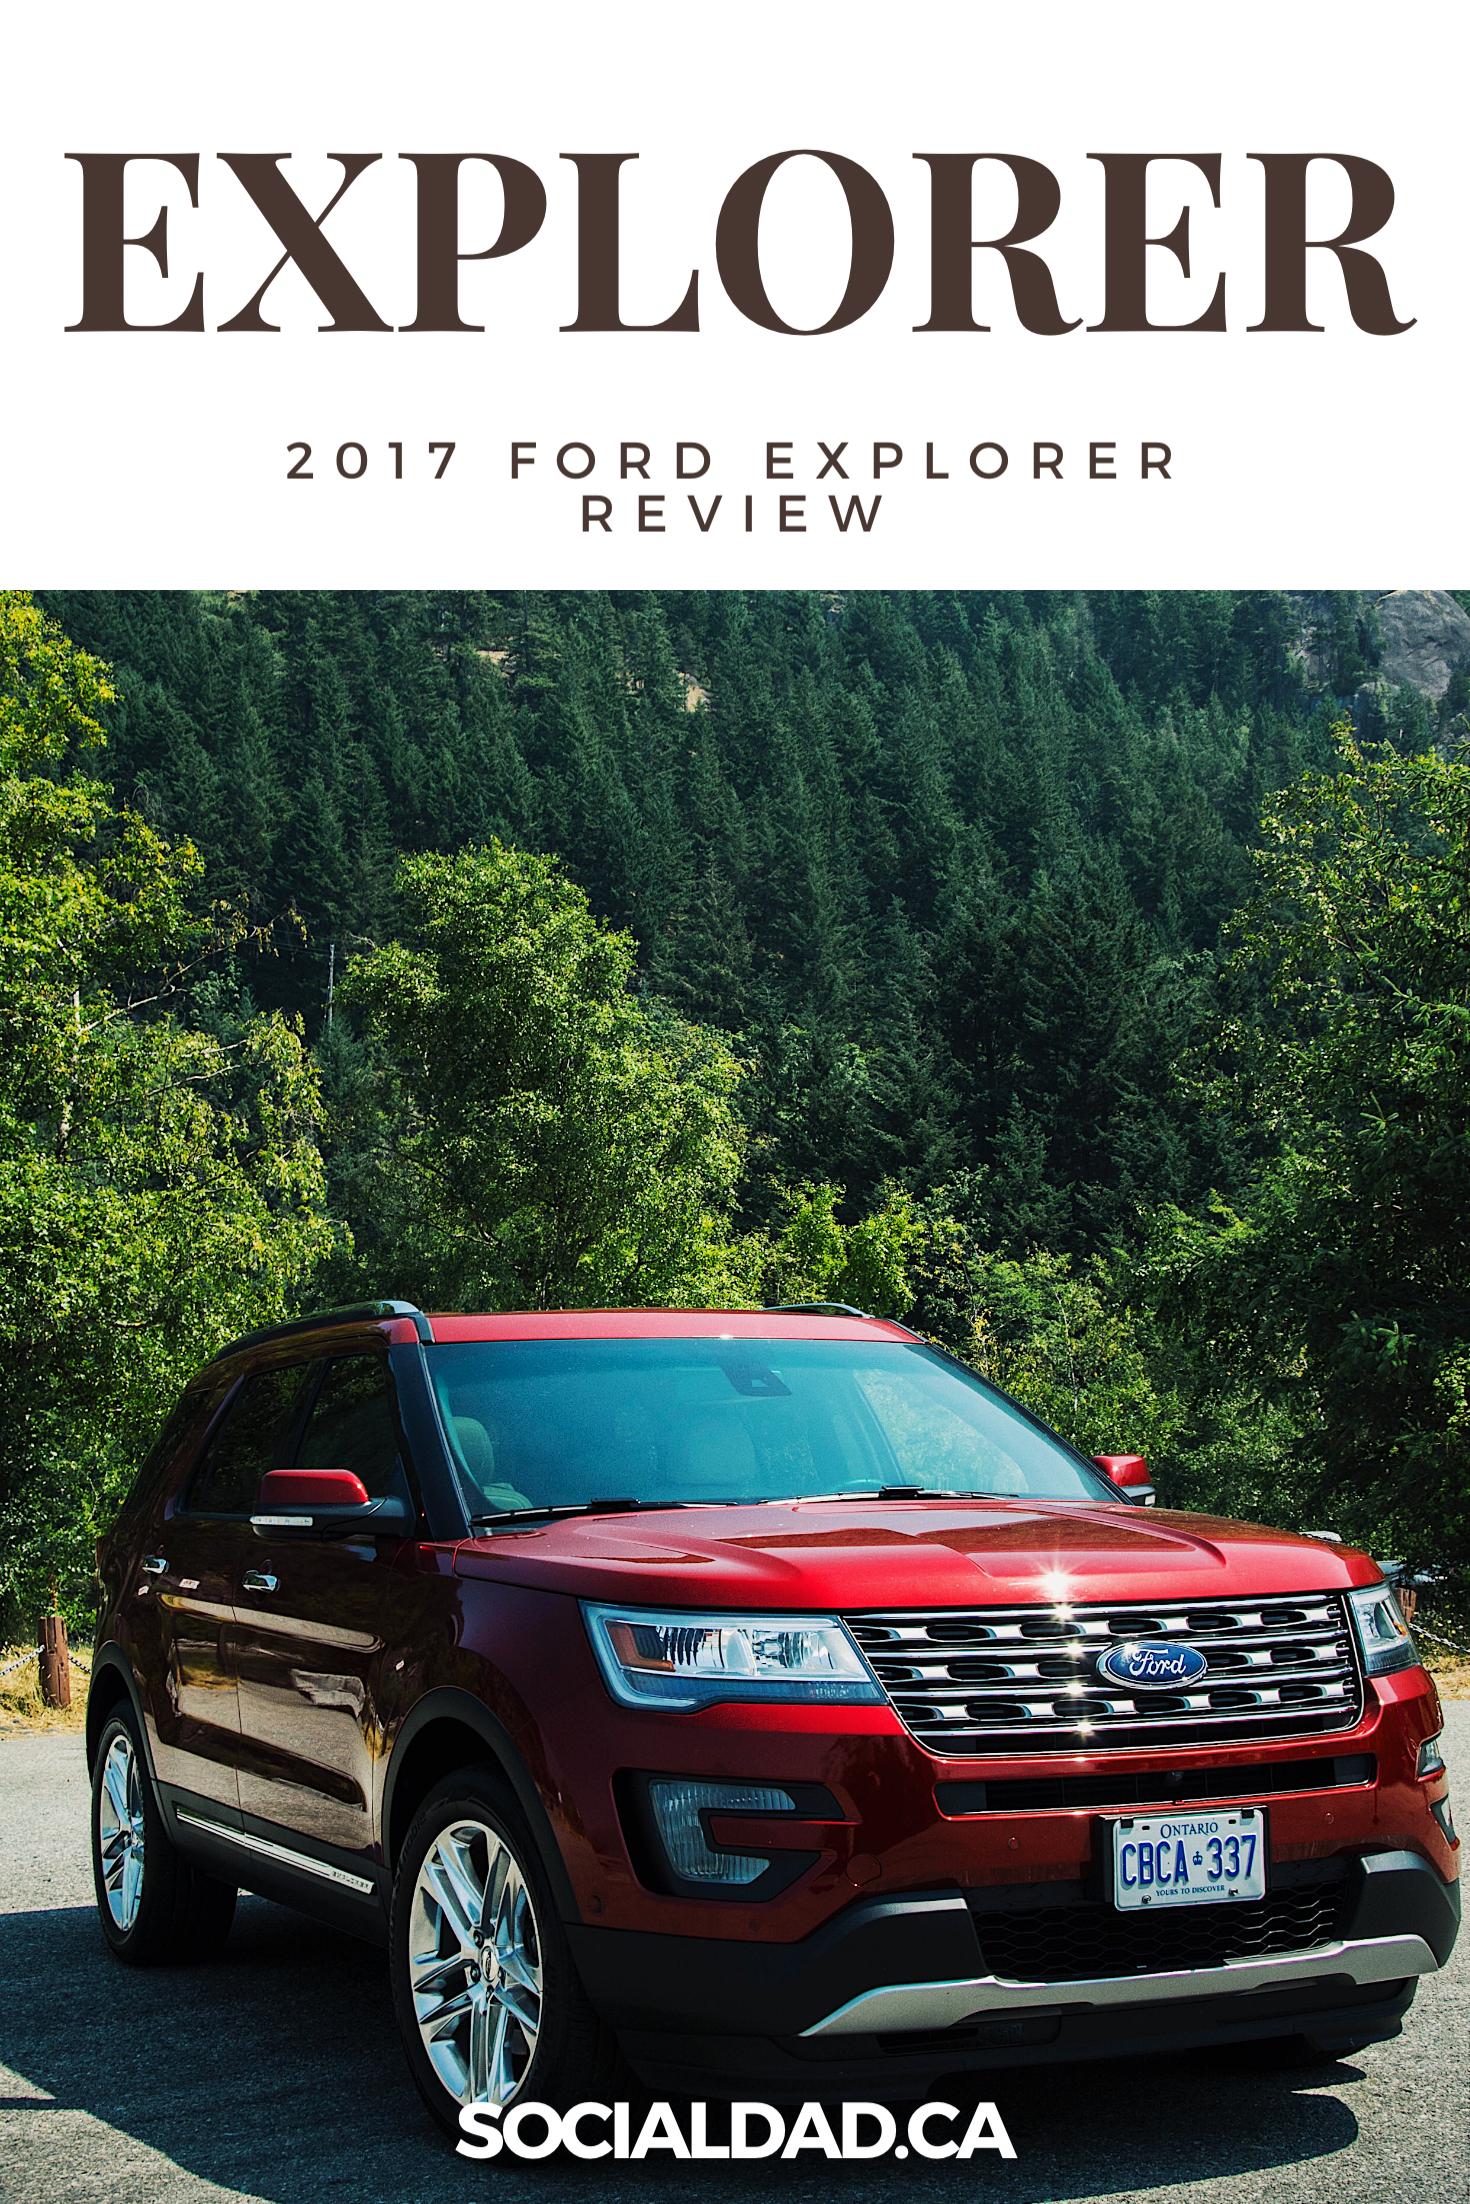 Pinterest, ford explorer, 2017, best new family cars, best family suv, ford explorer 2017